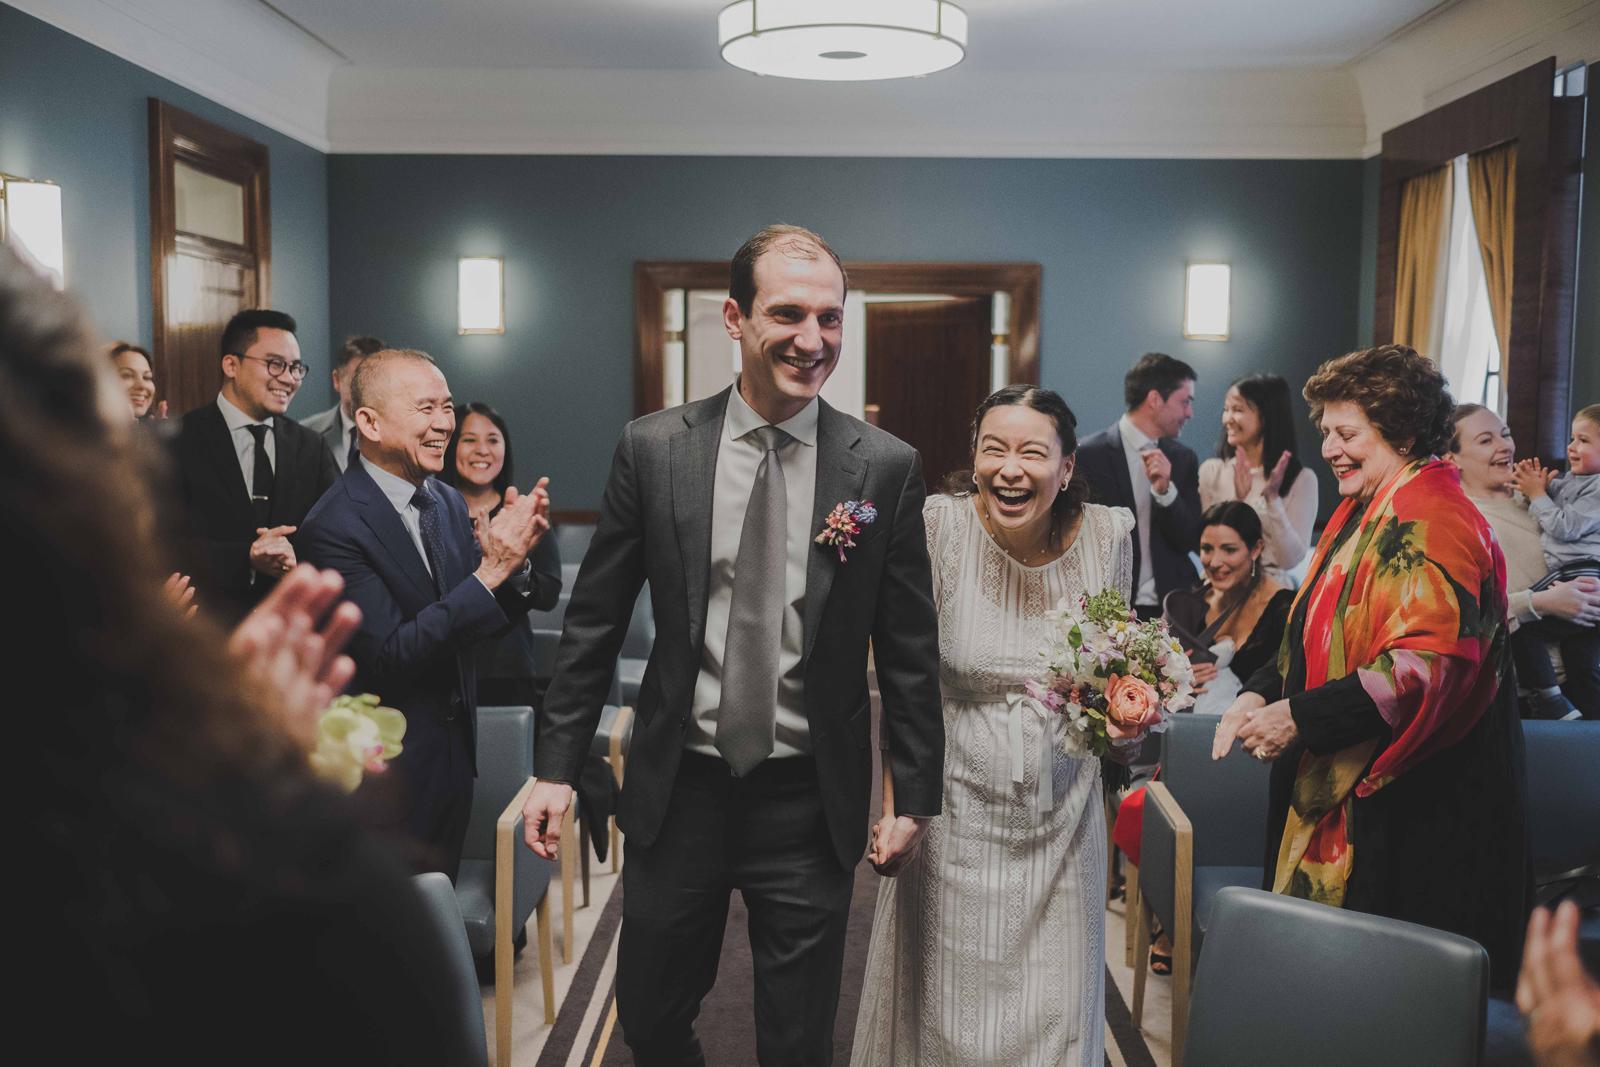 Hackney town hall wedding